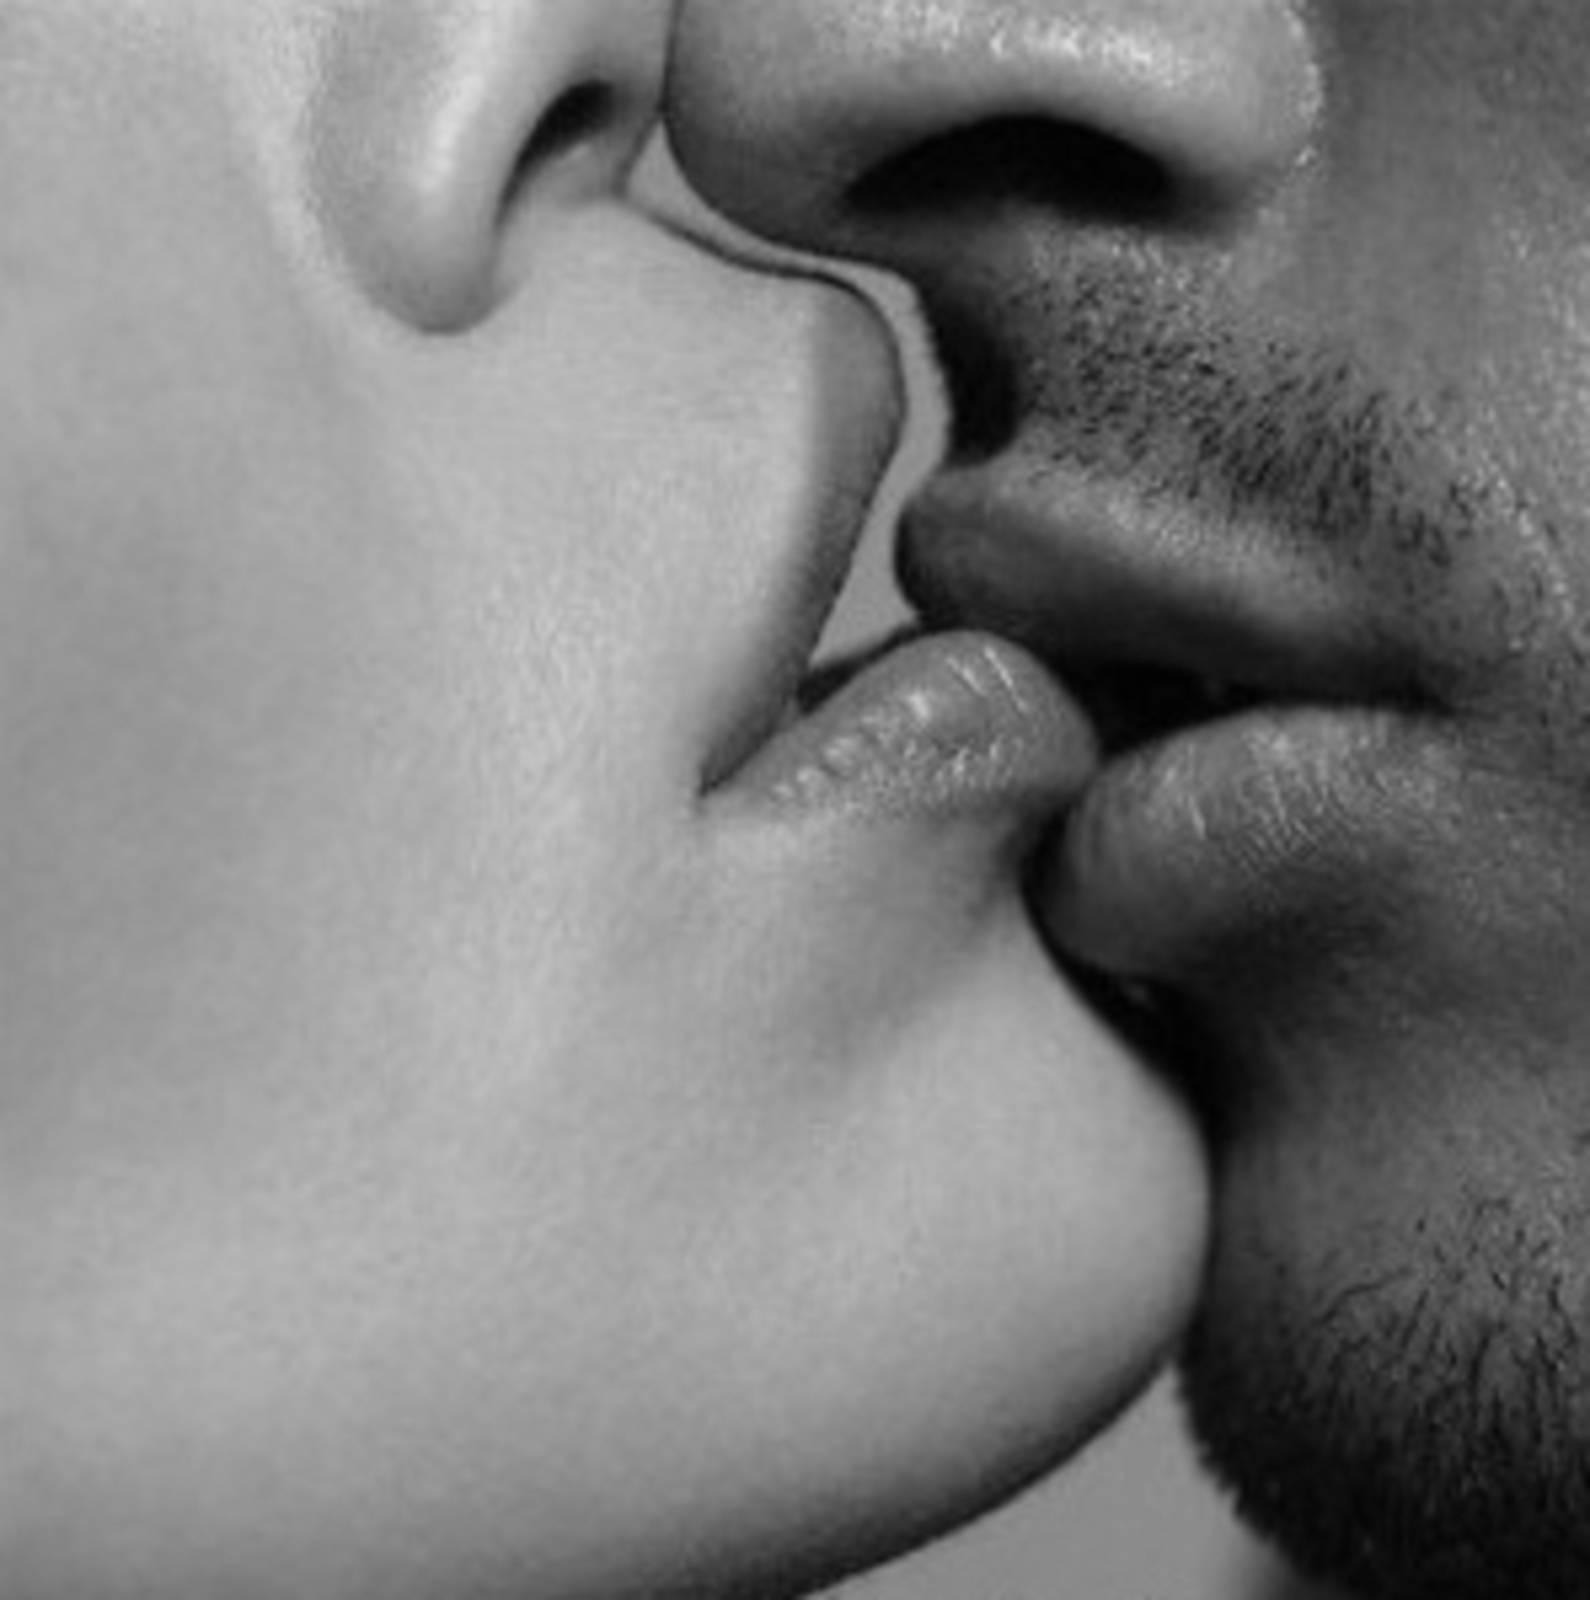 Сон целоваться с женатым мужчиной в губы